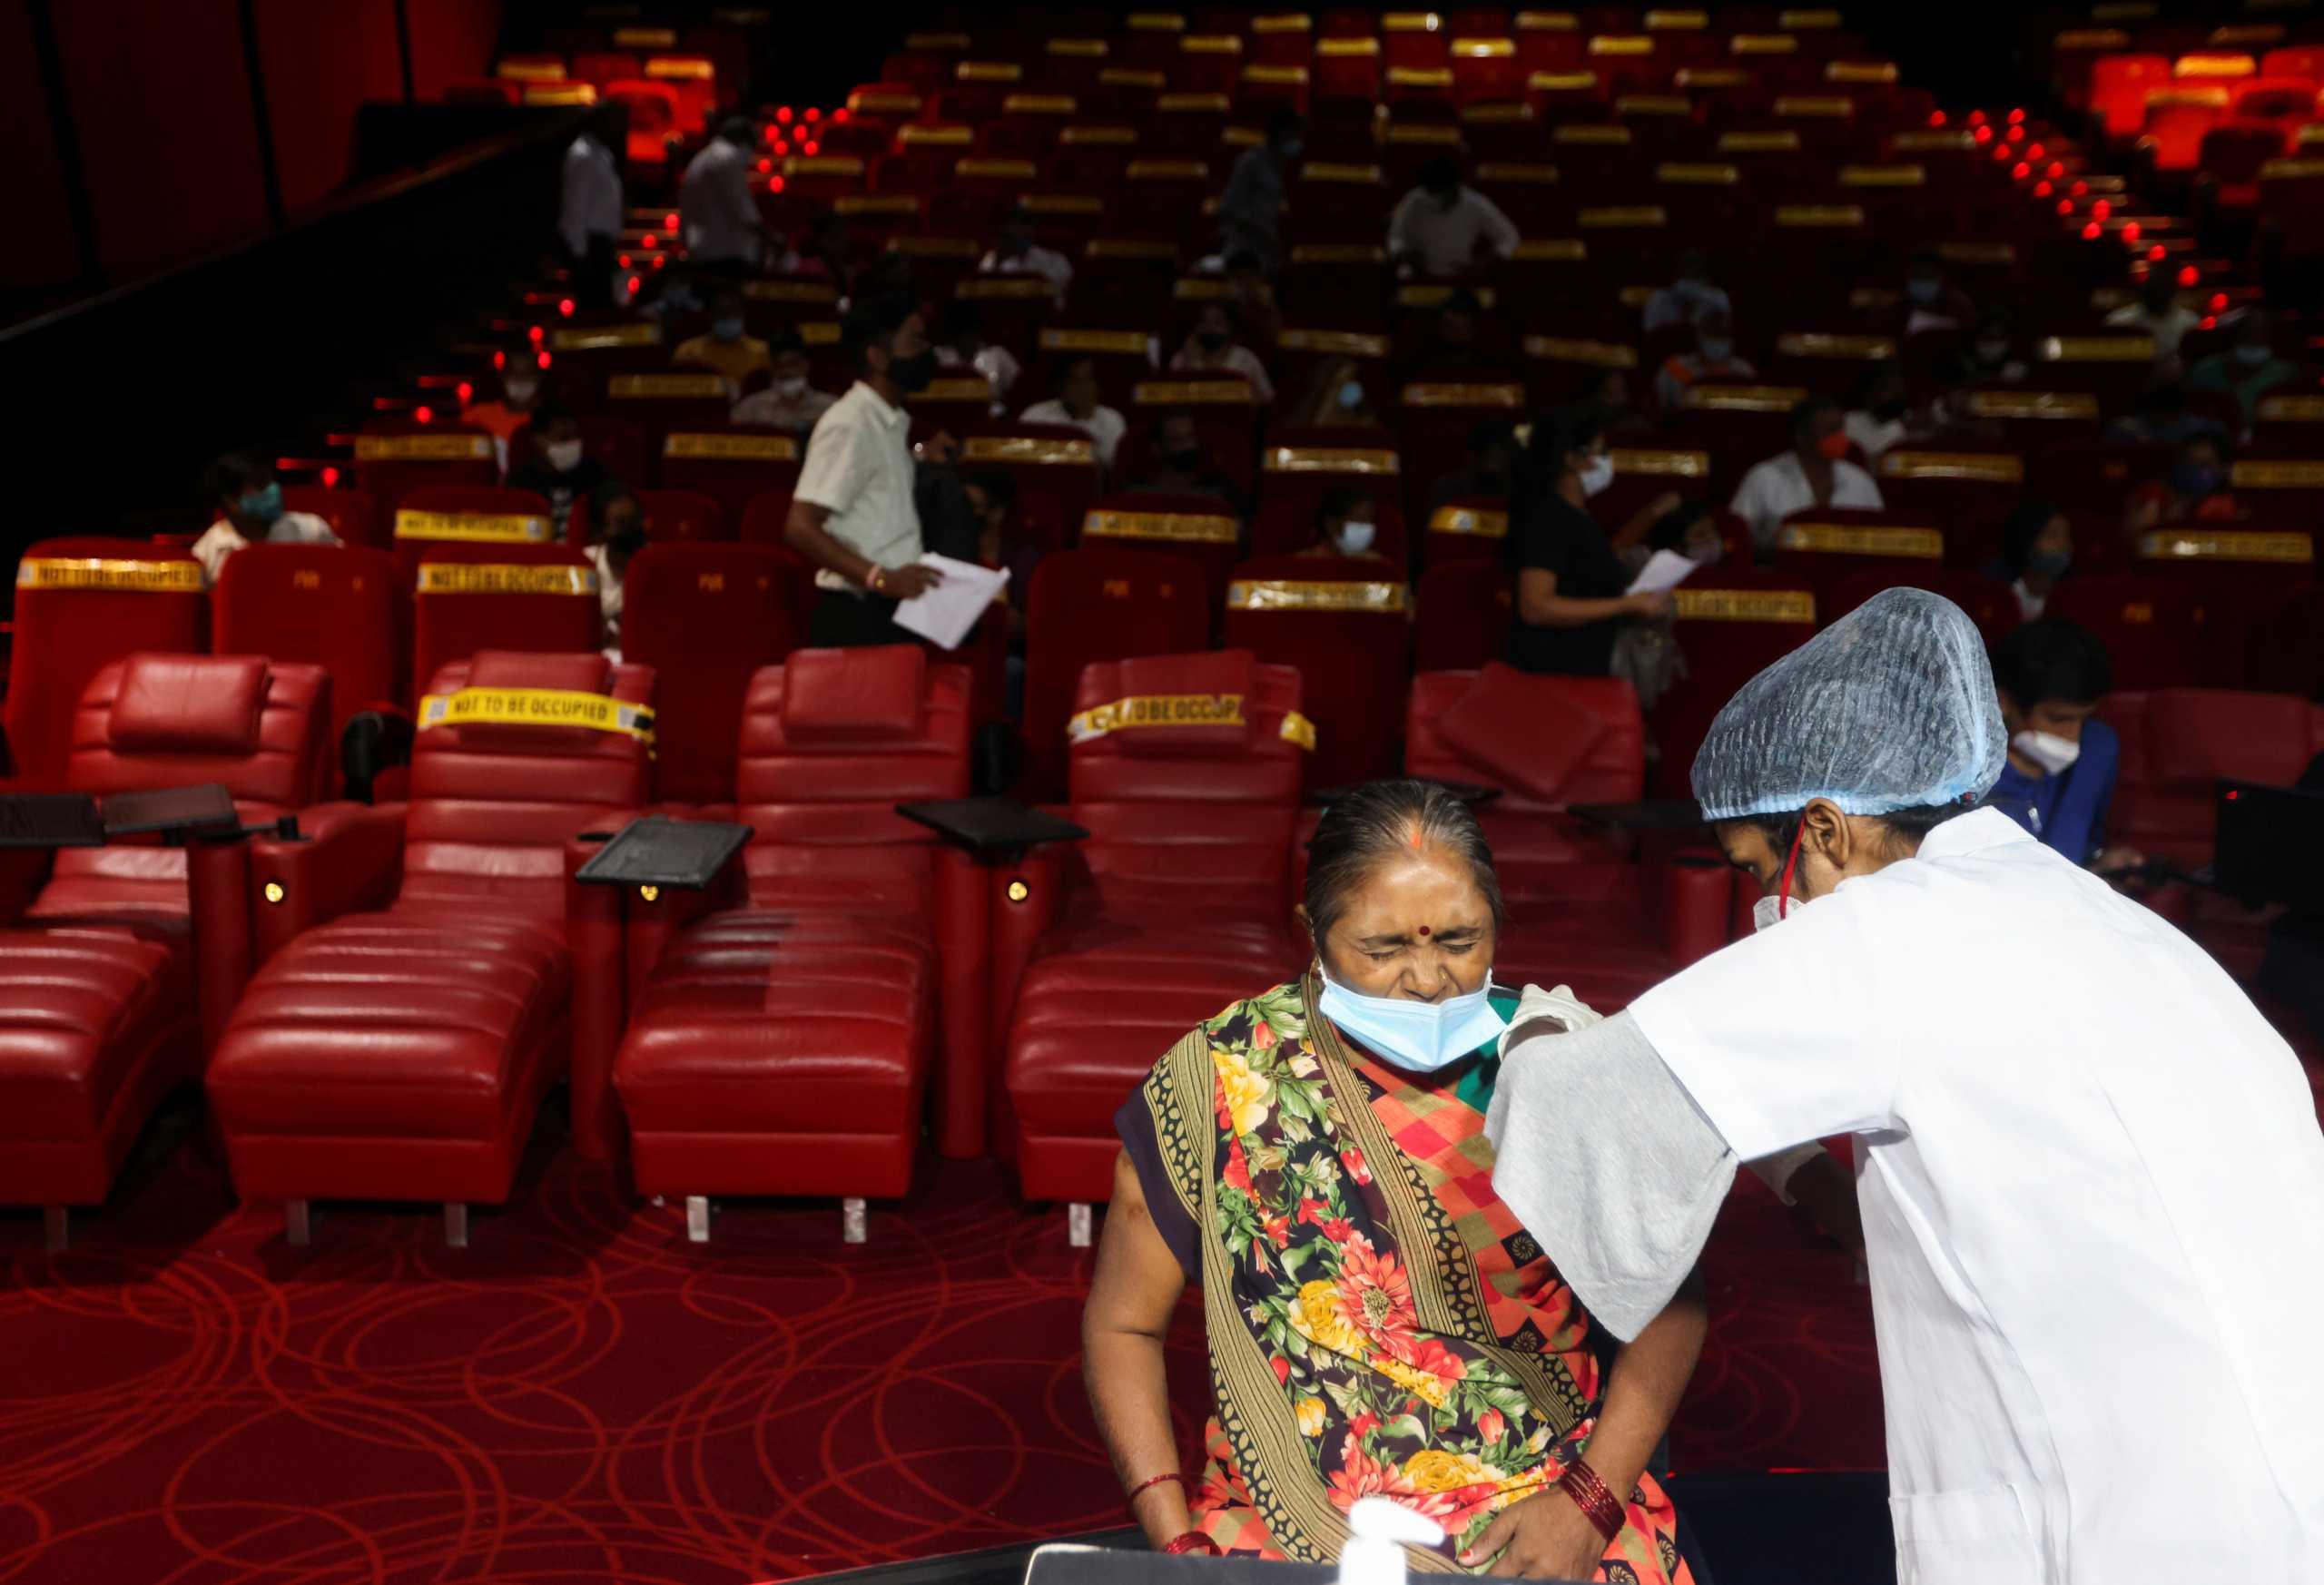 Ινδία: 25.467 κρούσματα κορονοϊού το τελευταίο 24ωρο